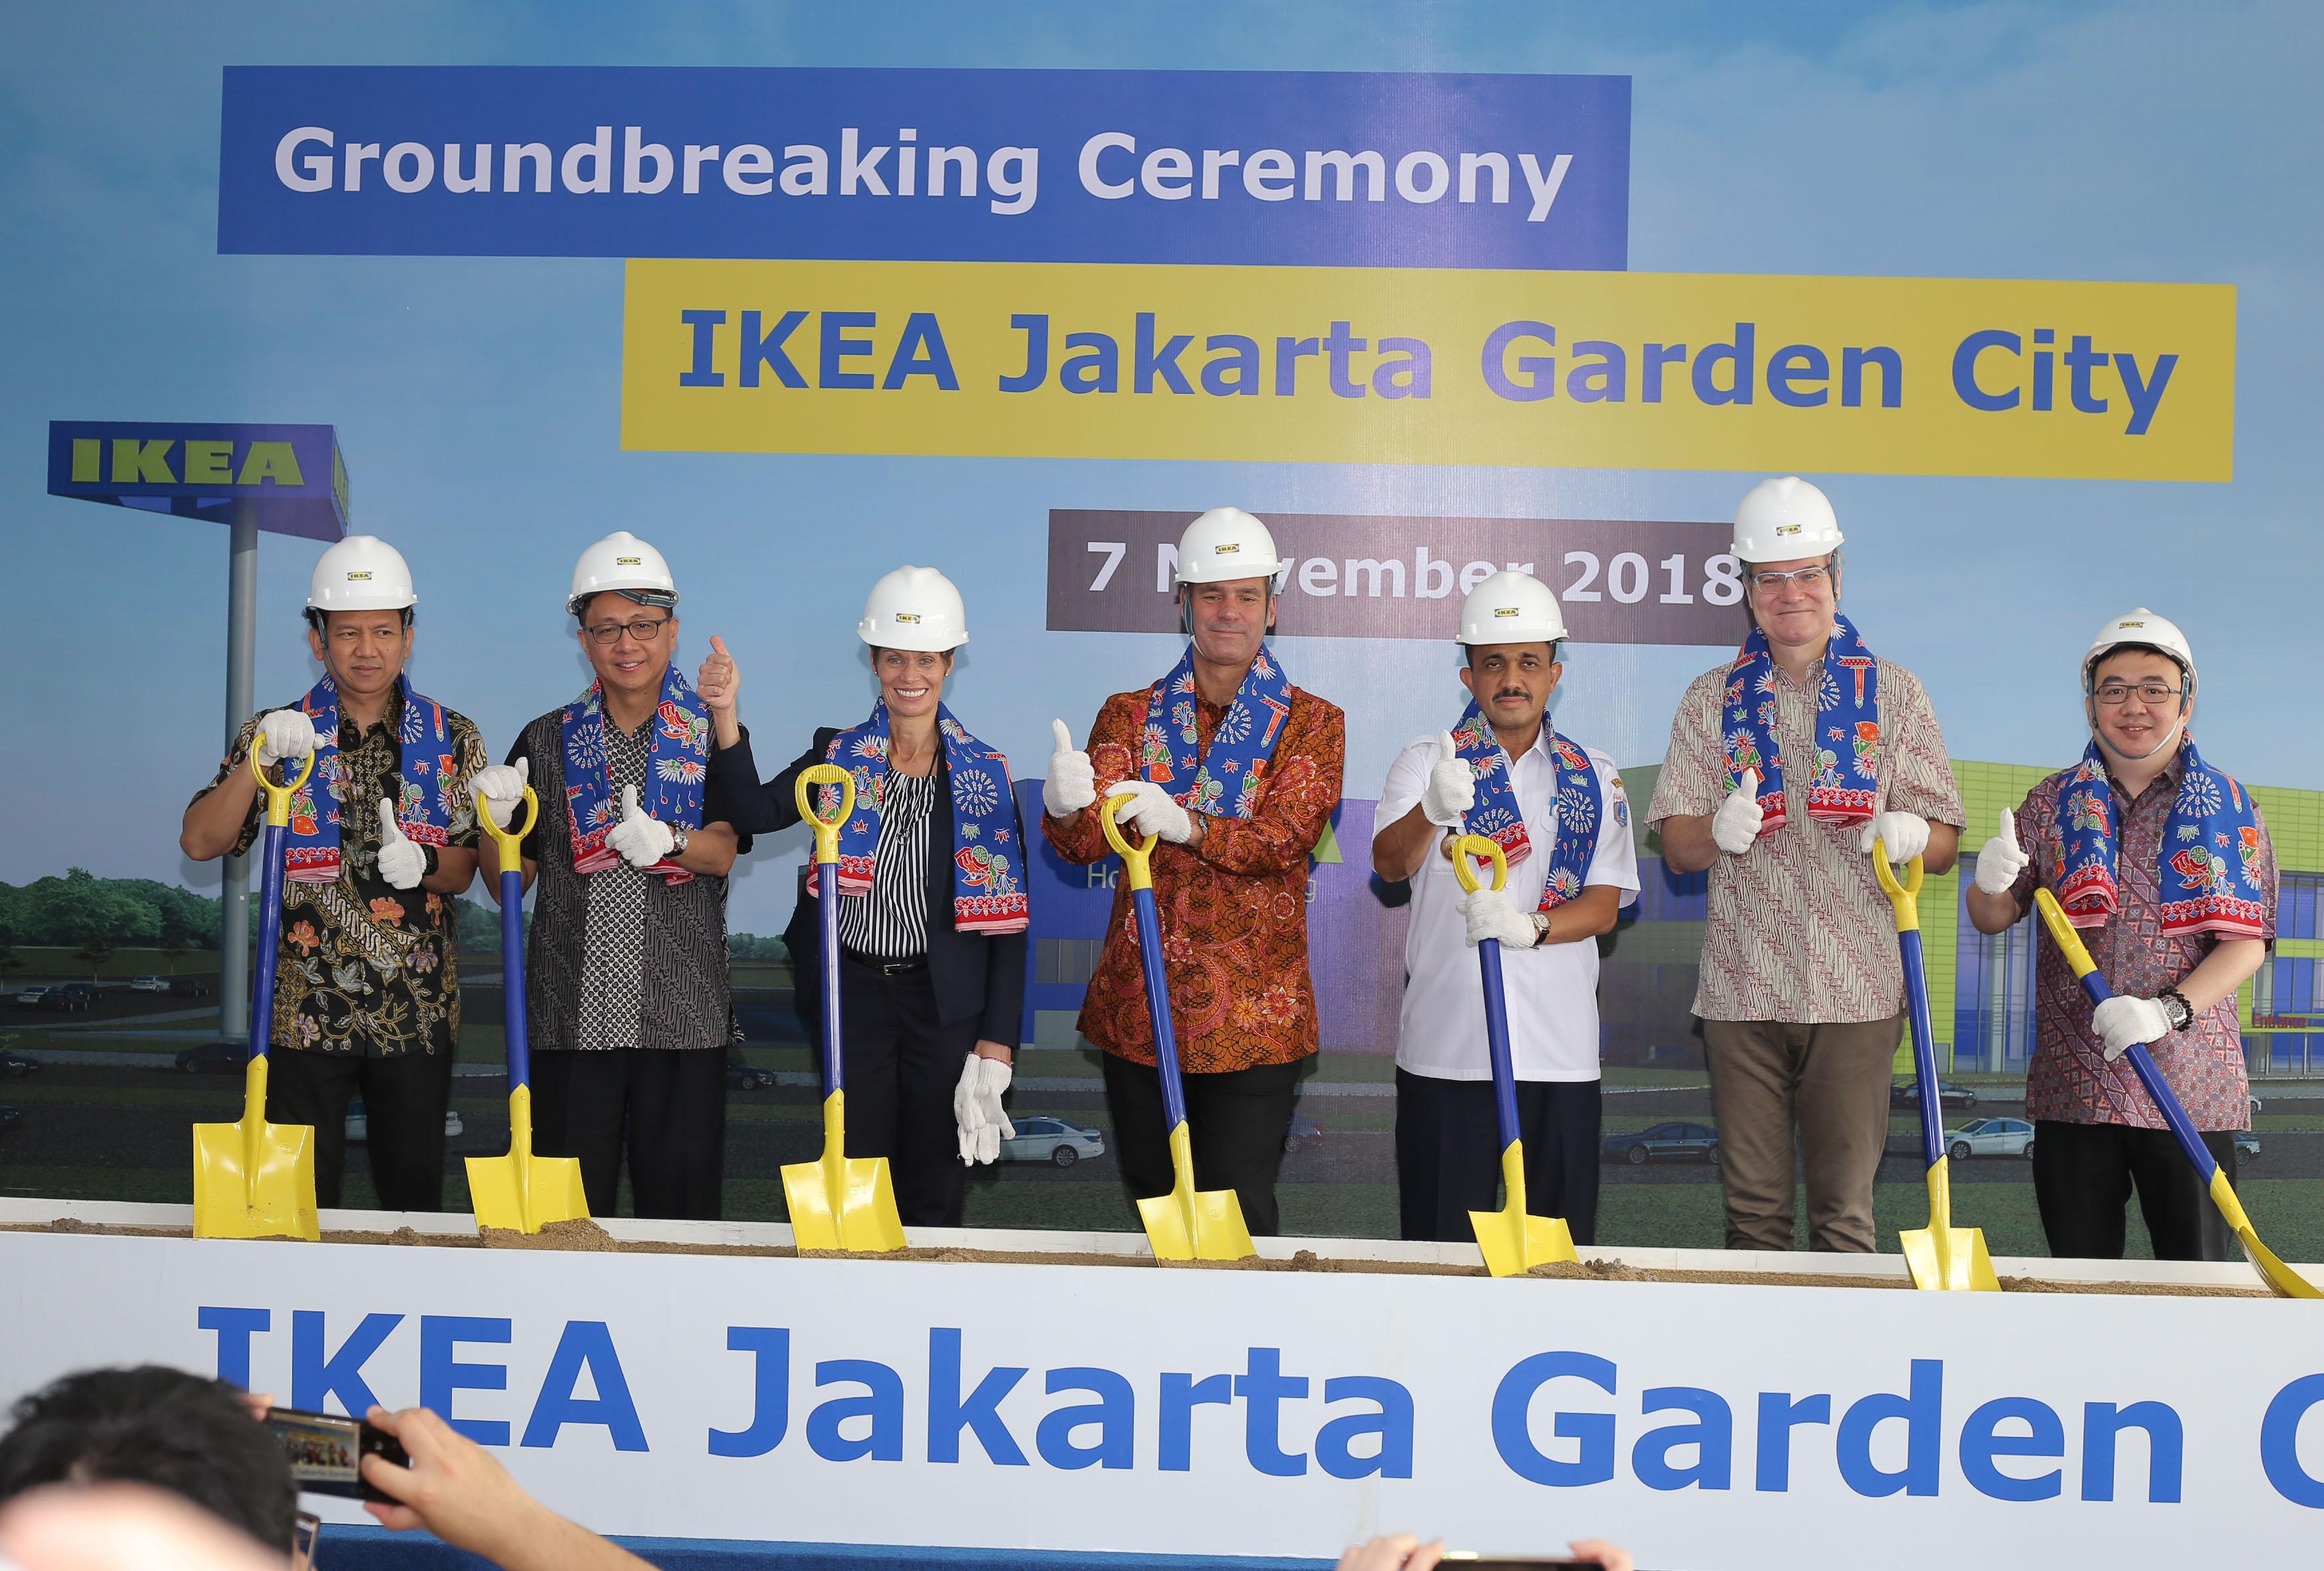 IKEA Gelar Seremoni Peletakan Batu Pertama IKEA Jakarta Garden